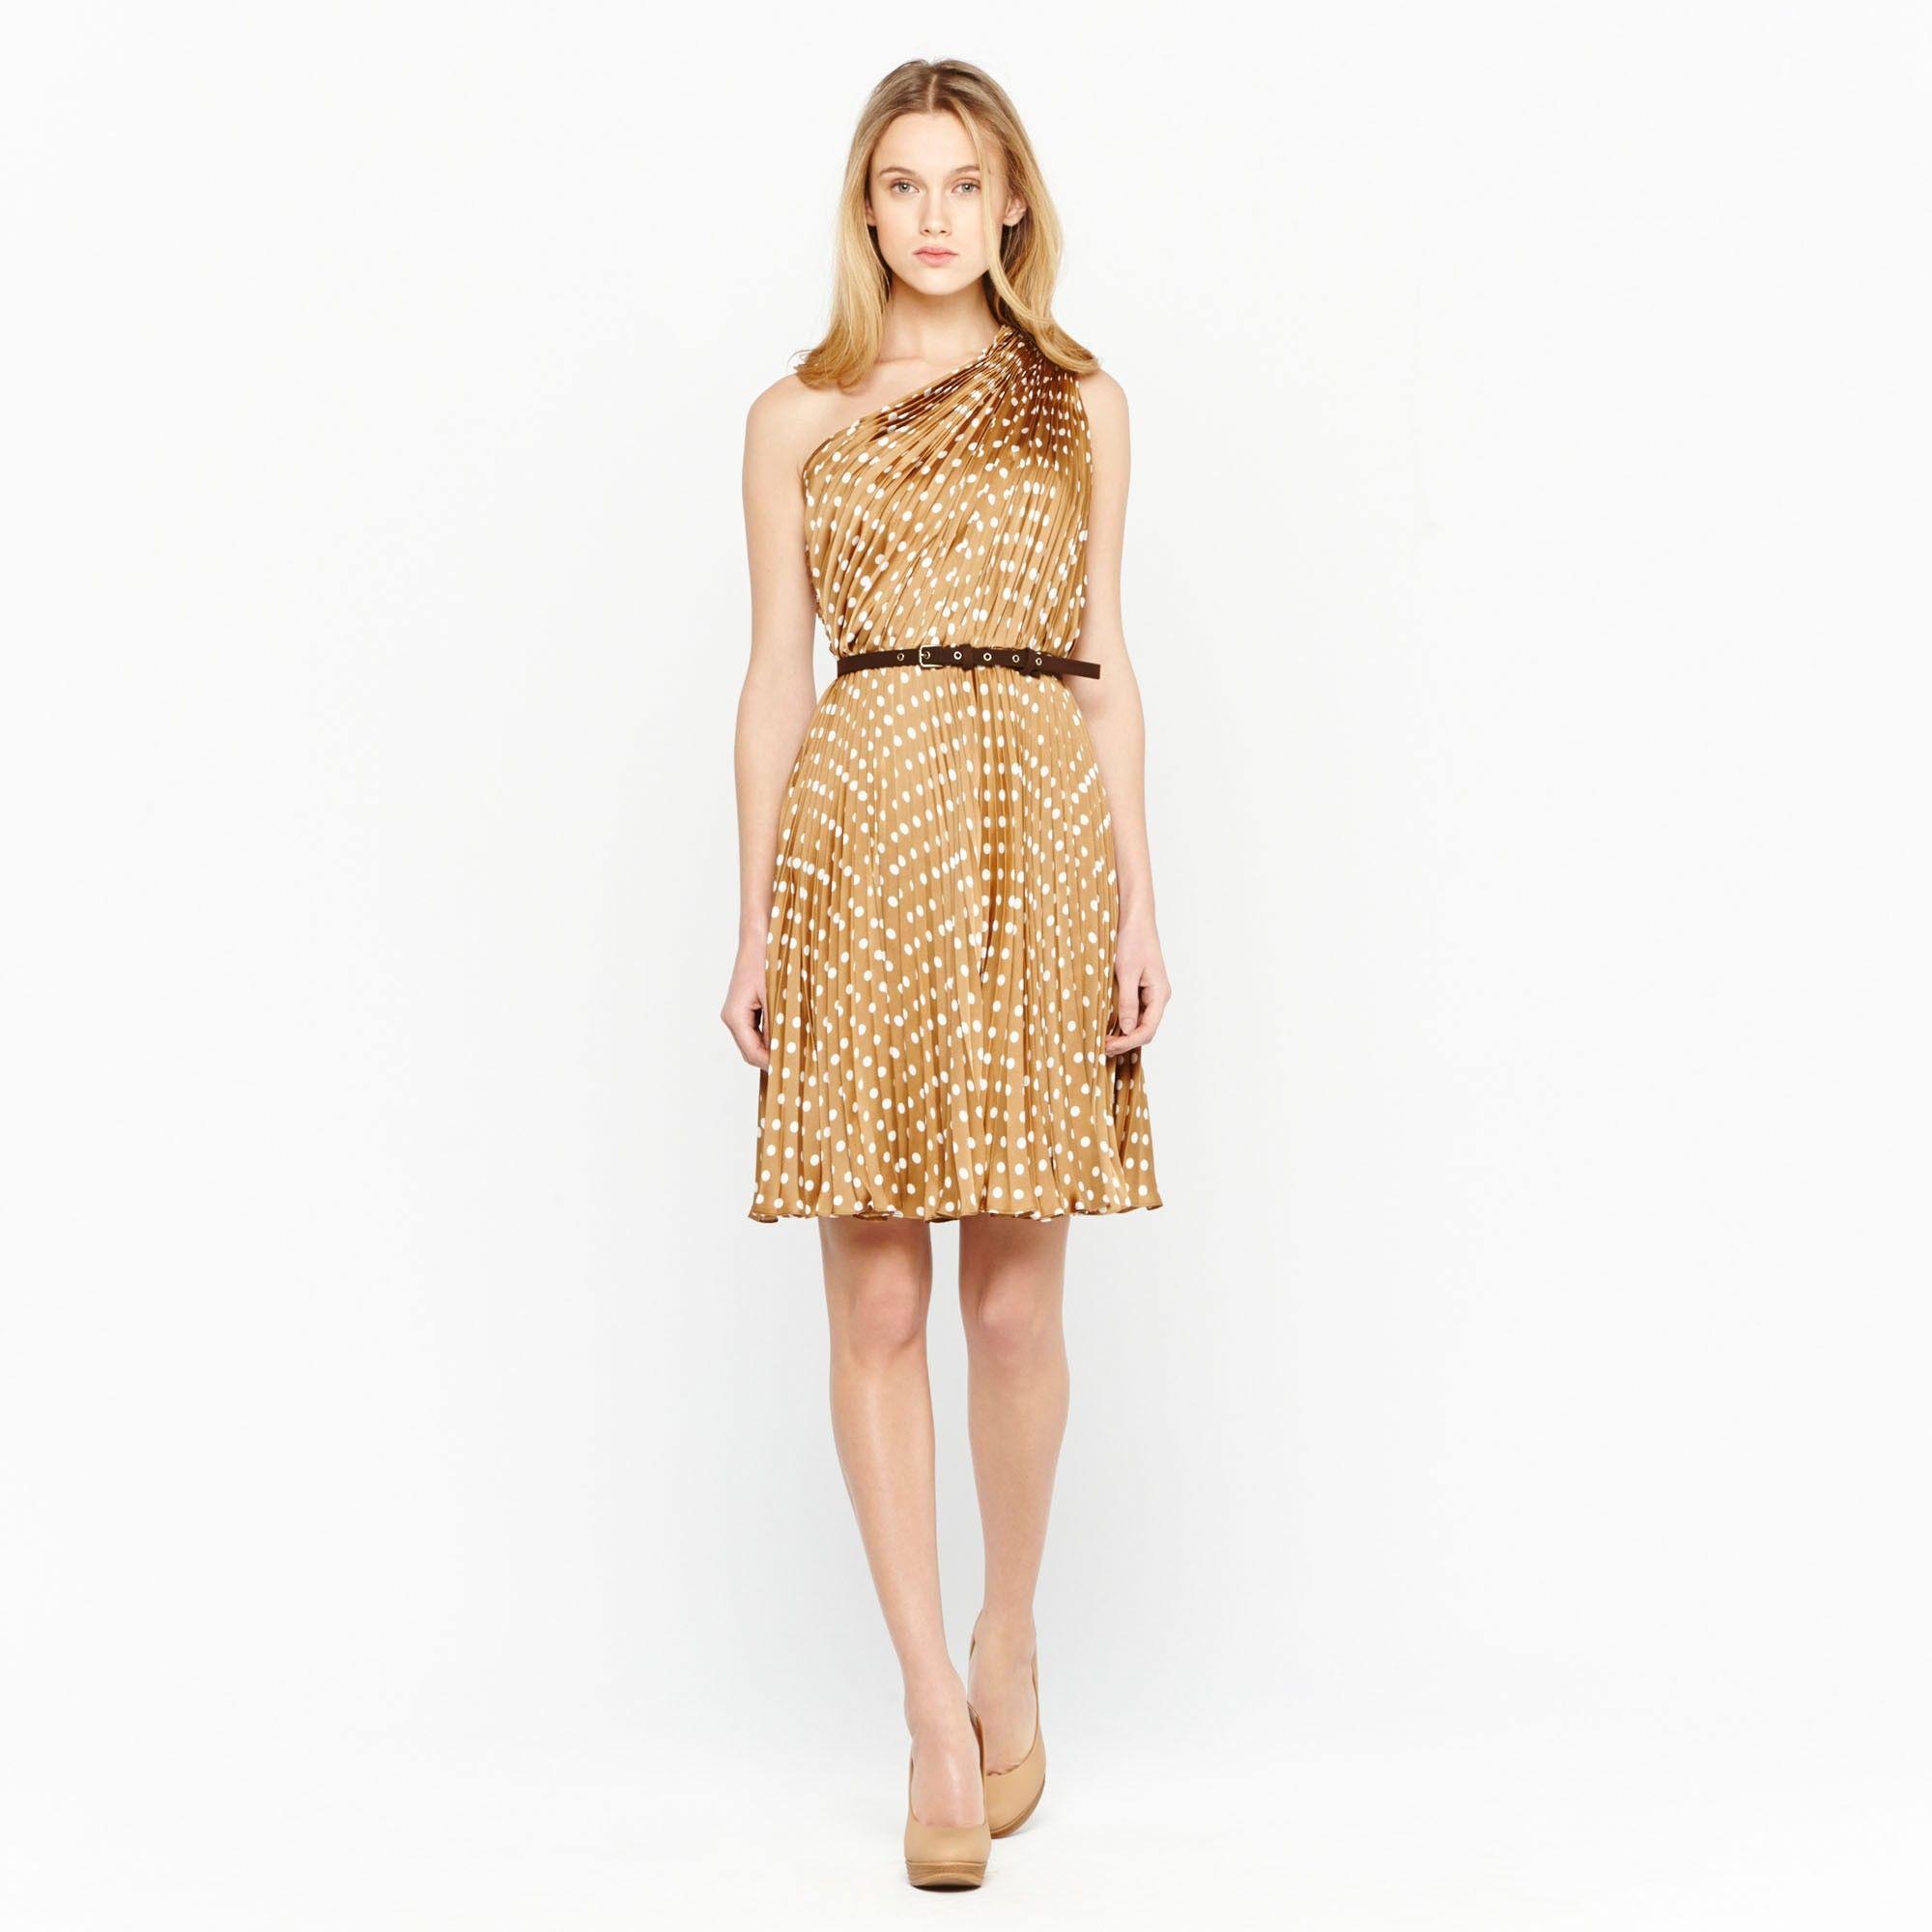 Vestido de c ctel camel estampado ad mujer adolfo for Vestidos adolfo dominguez outlet online